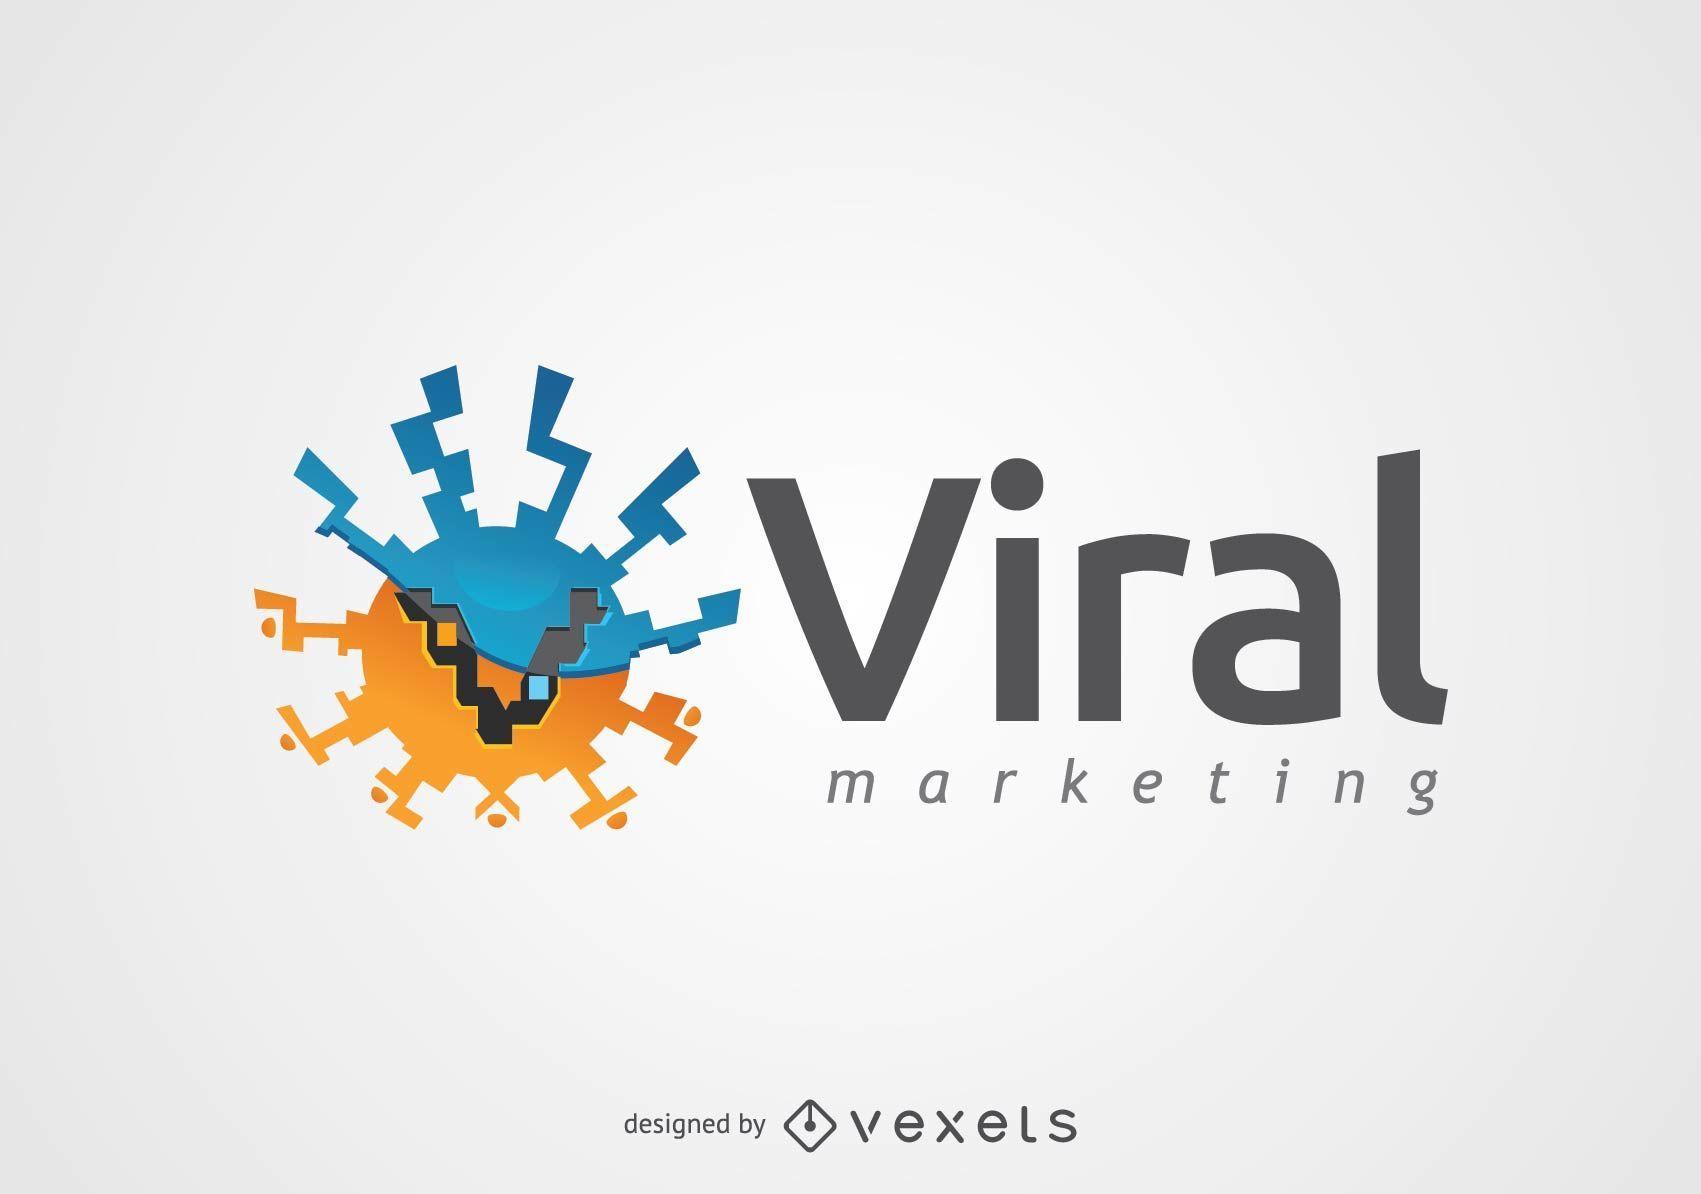 Logotipo de marketing de virus redondo abstracto